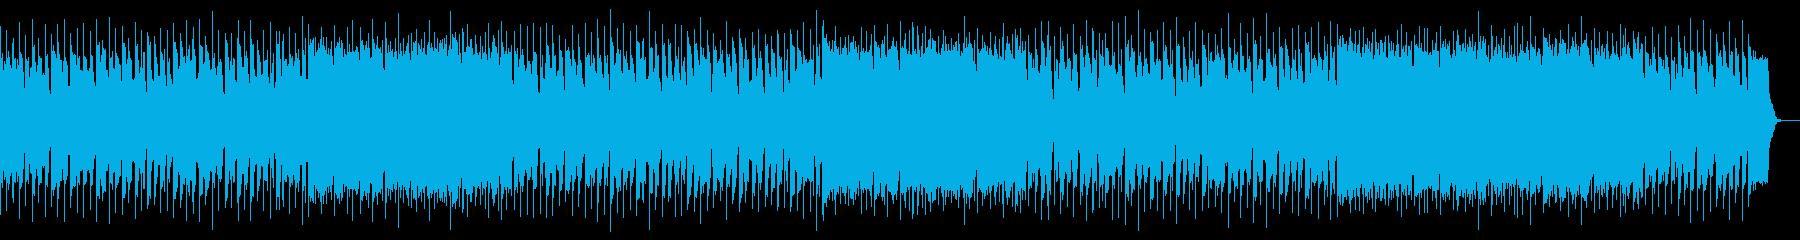 SAXと鉄琴が奏でる軽やかで明るいマーチの再生済みの波形